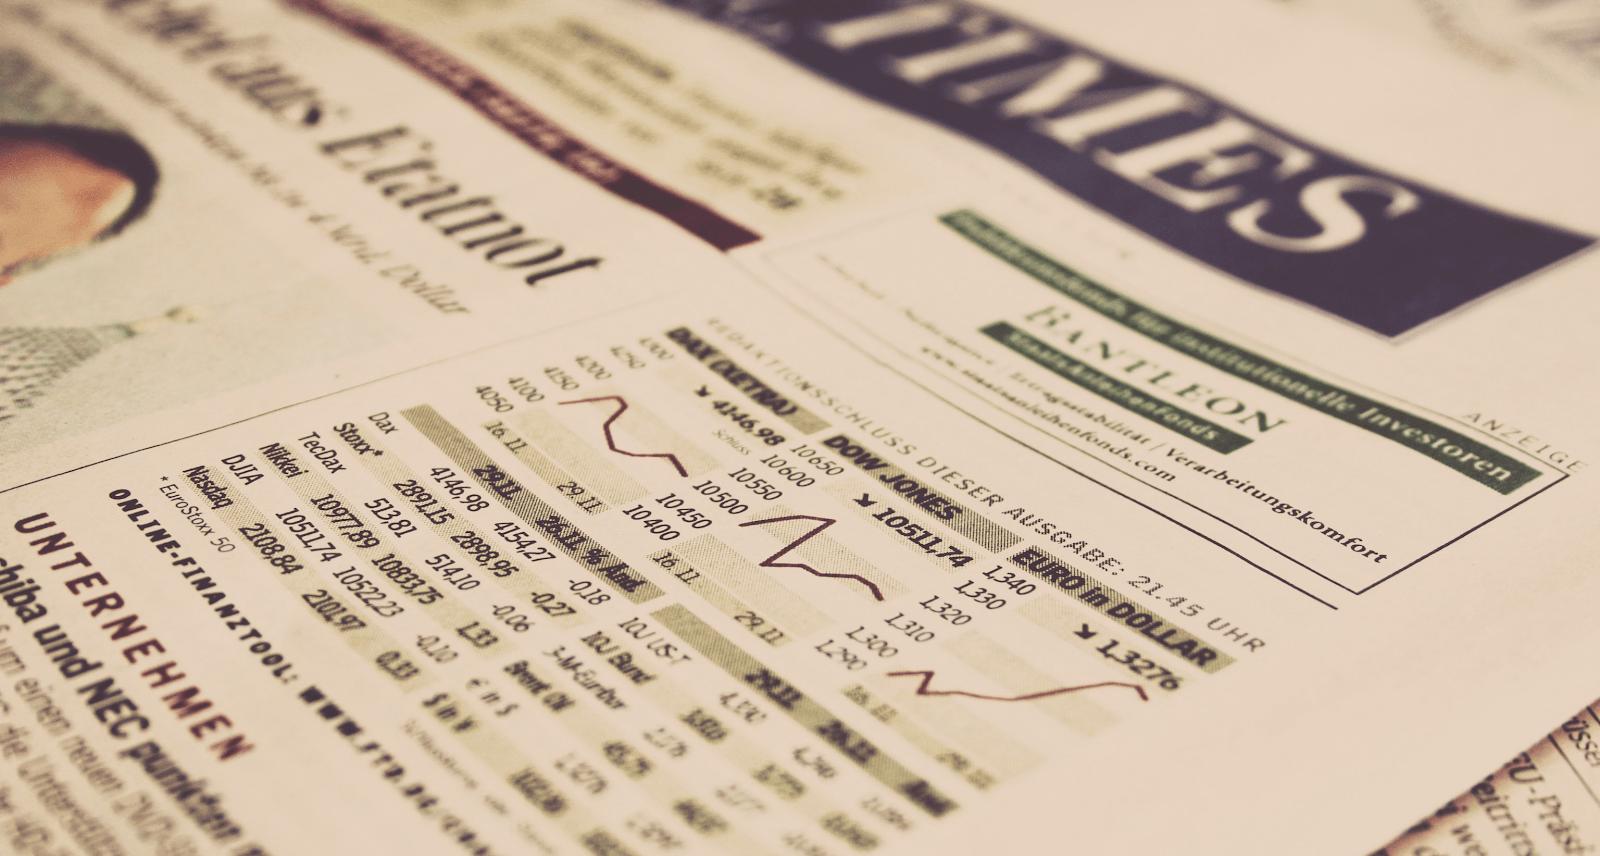 Businessplan - Seite aus Financial Times